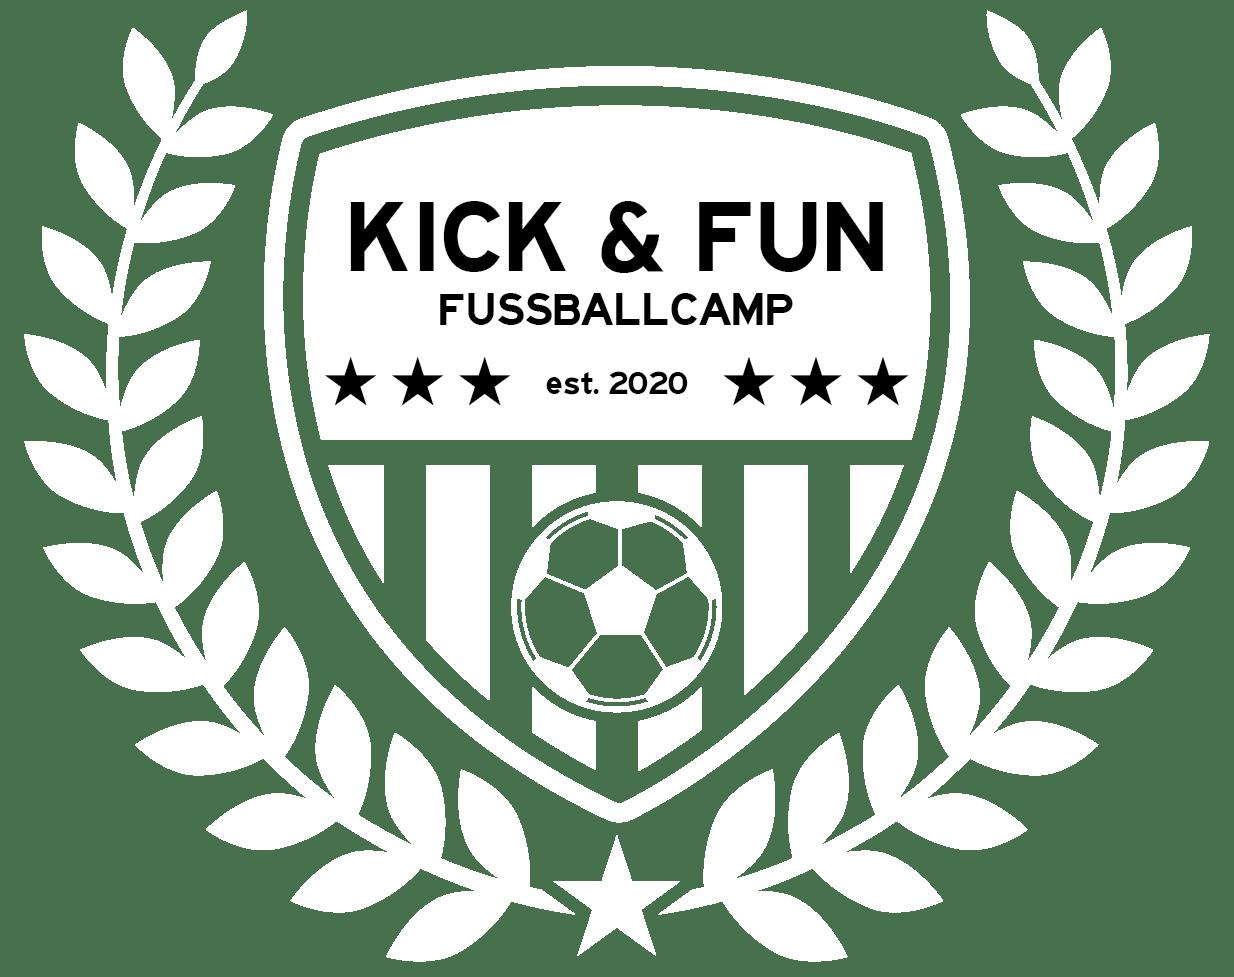 Kick & Fun Fußballcamp